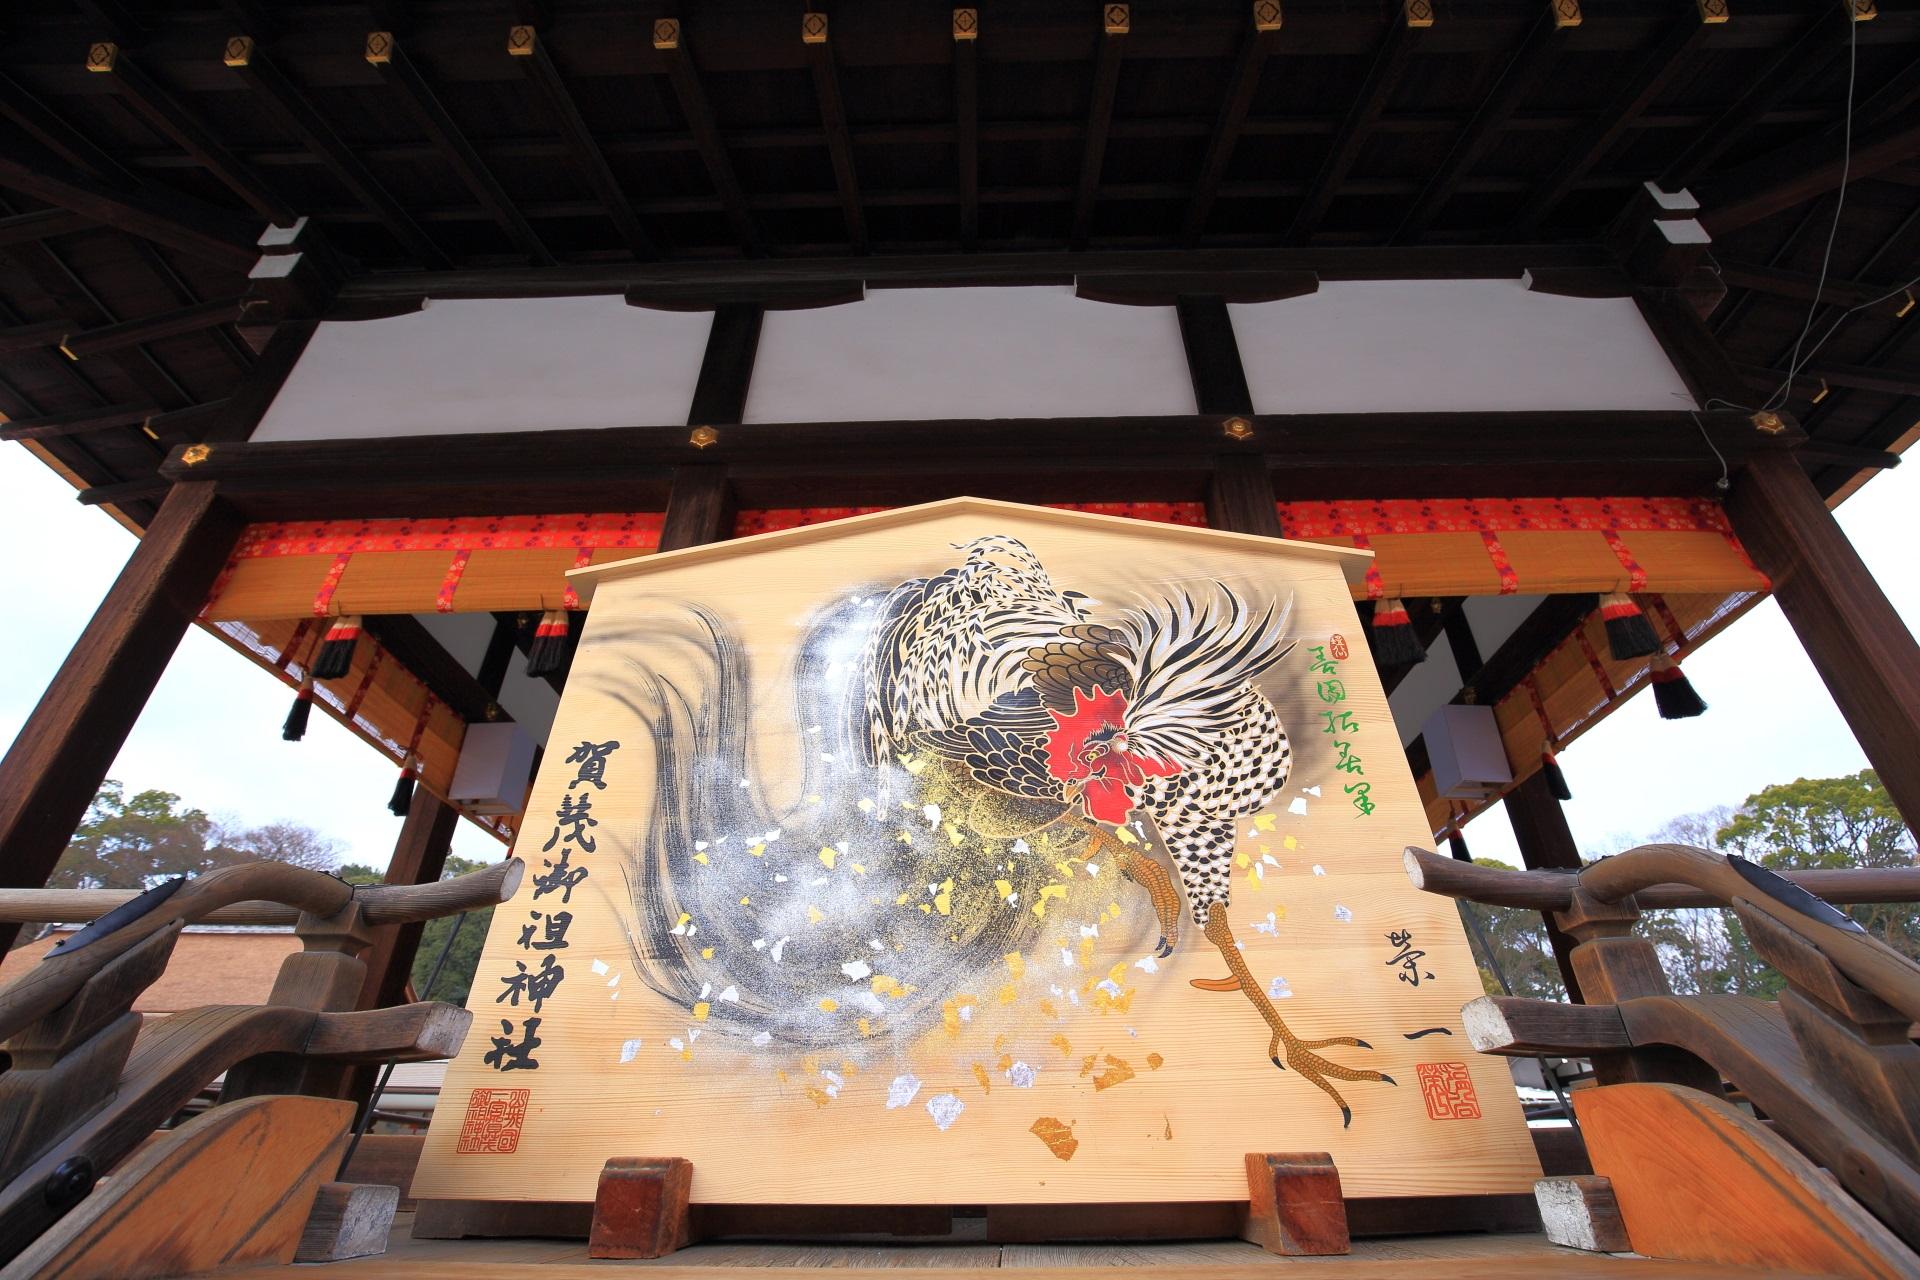 世界遺産の下鴨神社の拝殿の酉年の大絵馬